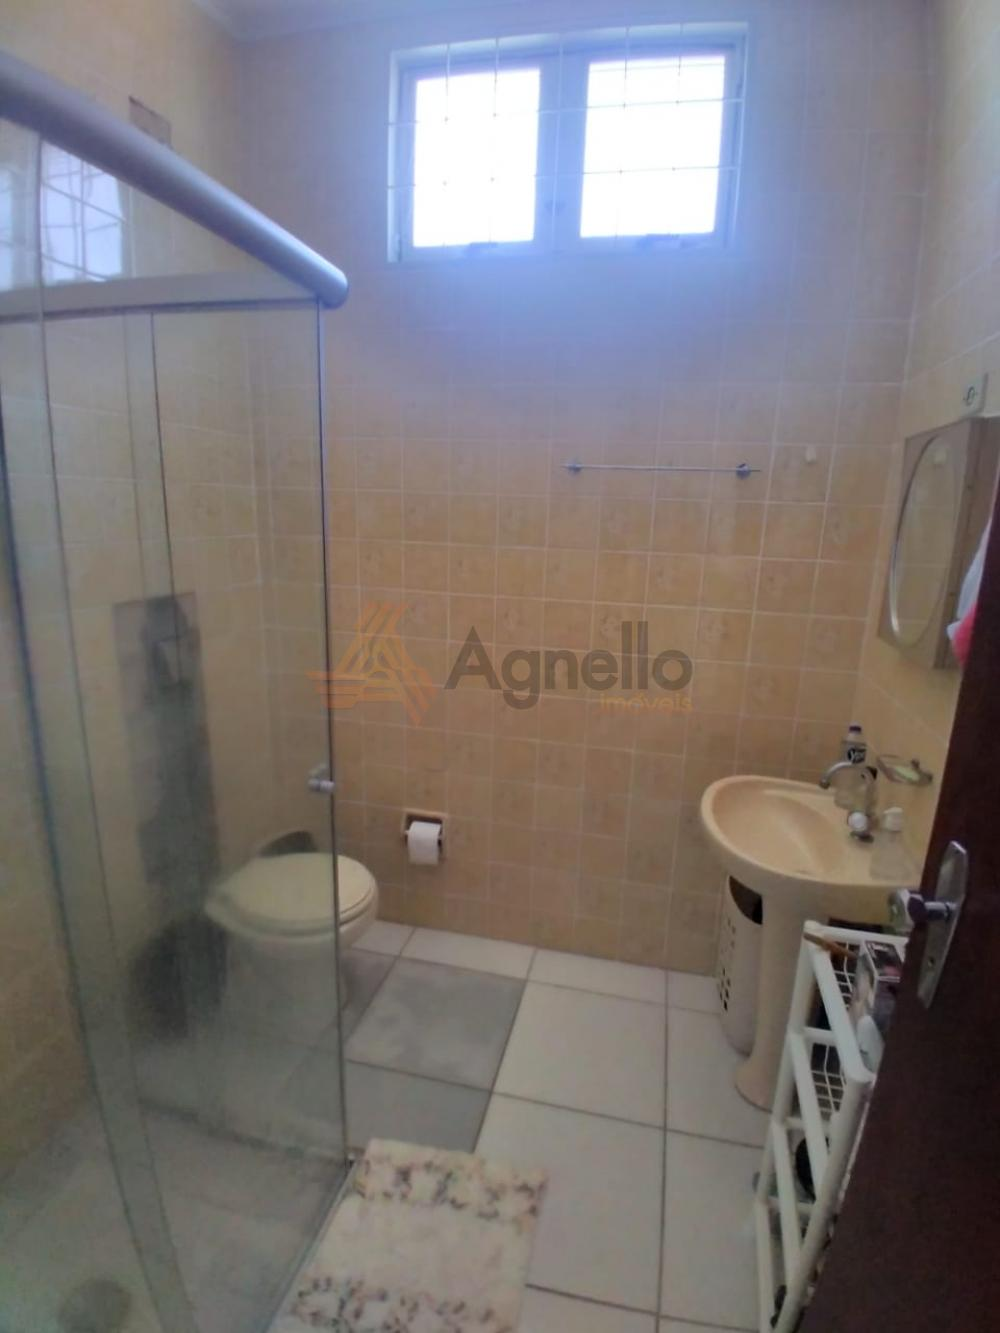 Comprar Casa / Bairro em Franca R$ 210.000,00 - Foto 7